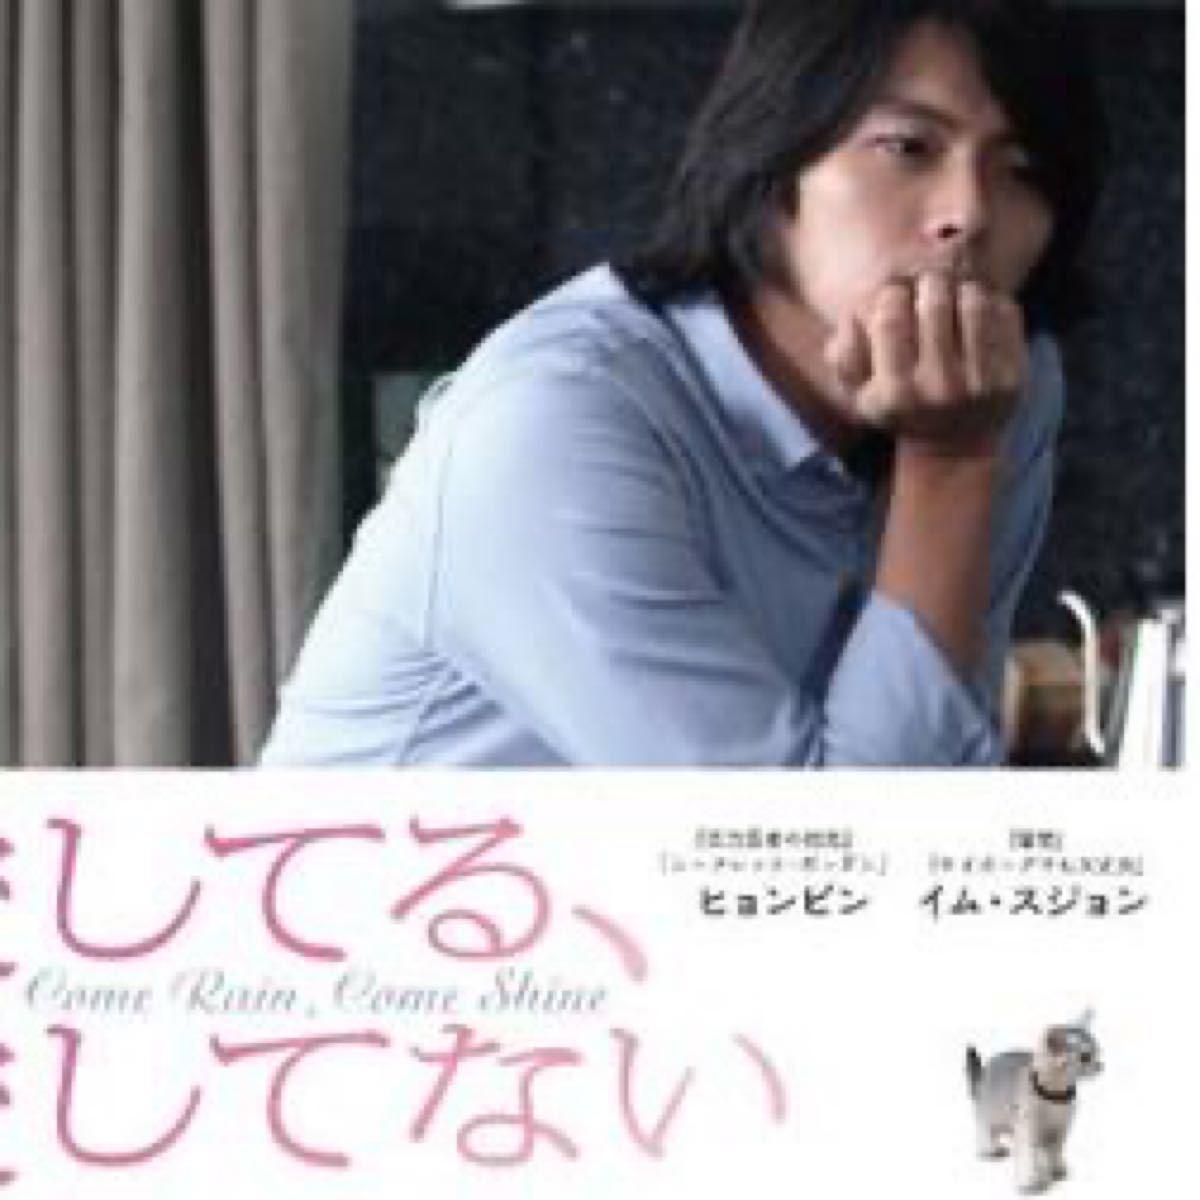 韓国映画  愛してる、愛してない  ヒョンビン  DVD  日本語吹替有り  レーベル有り